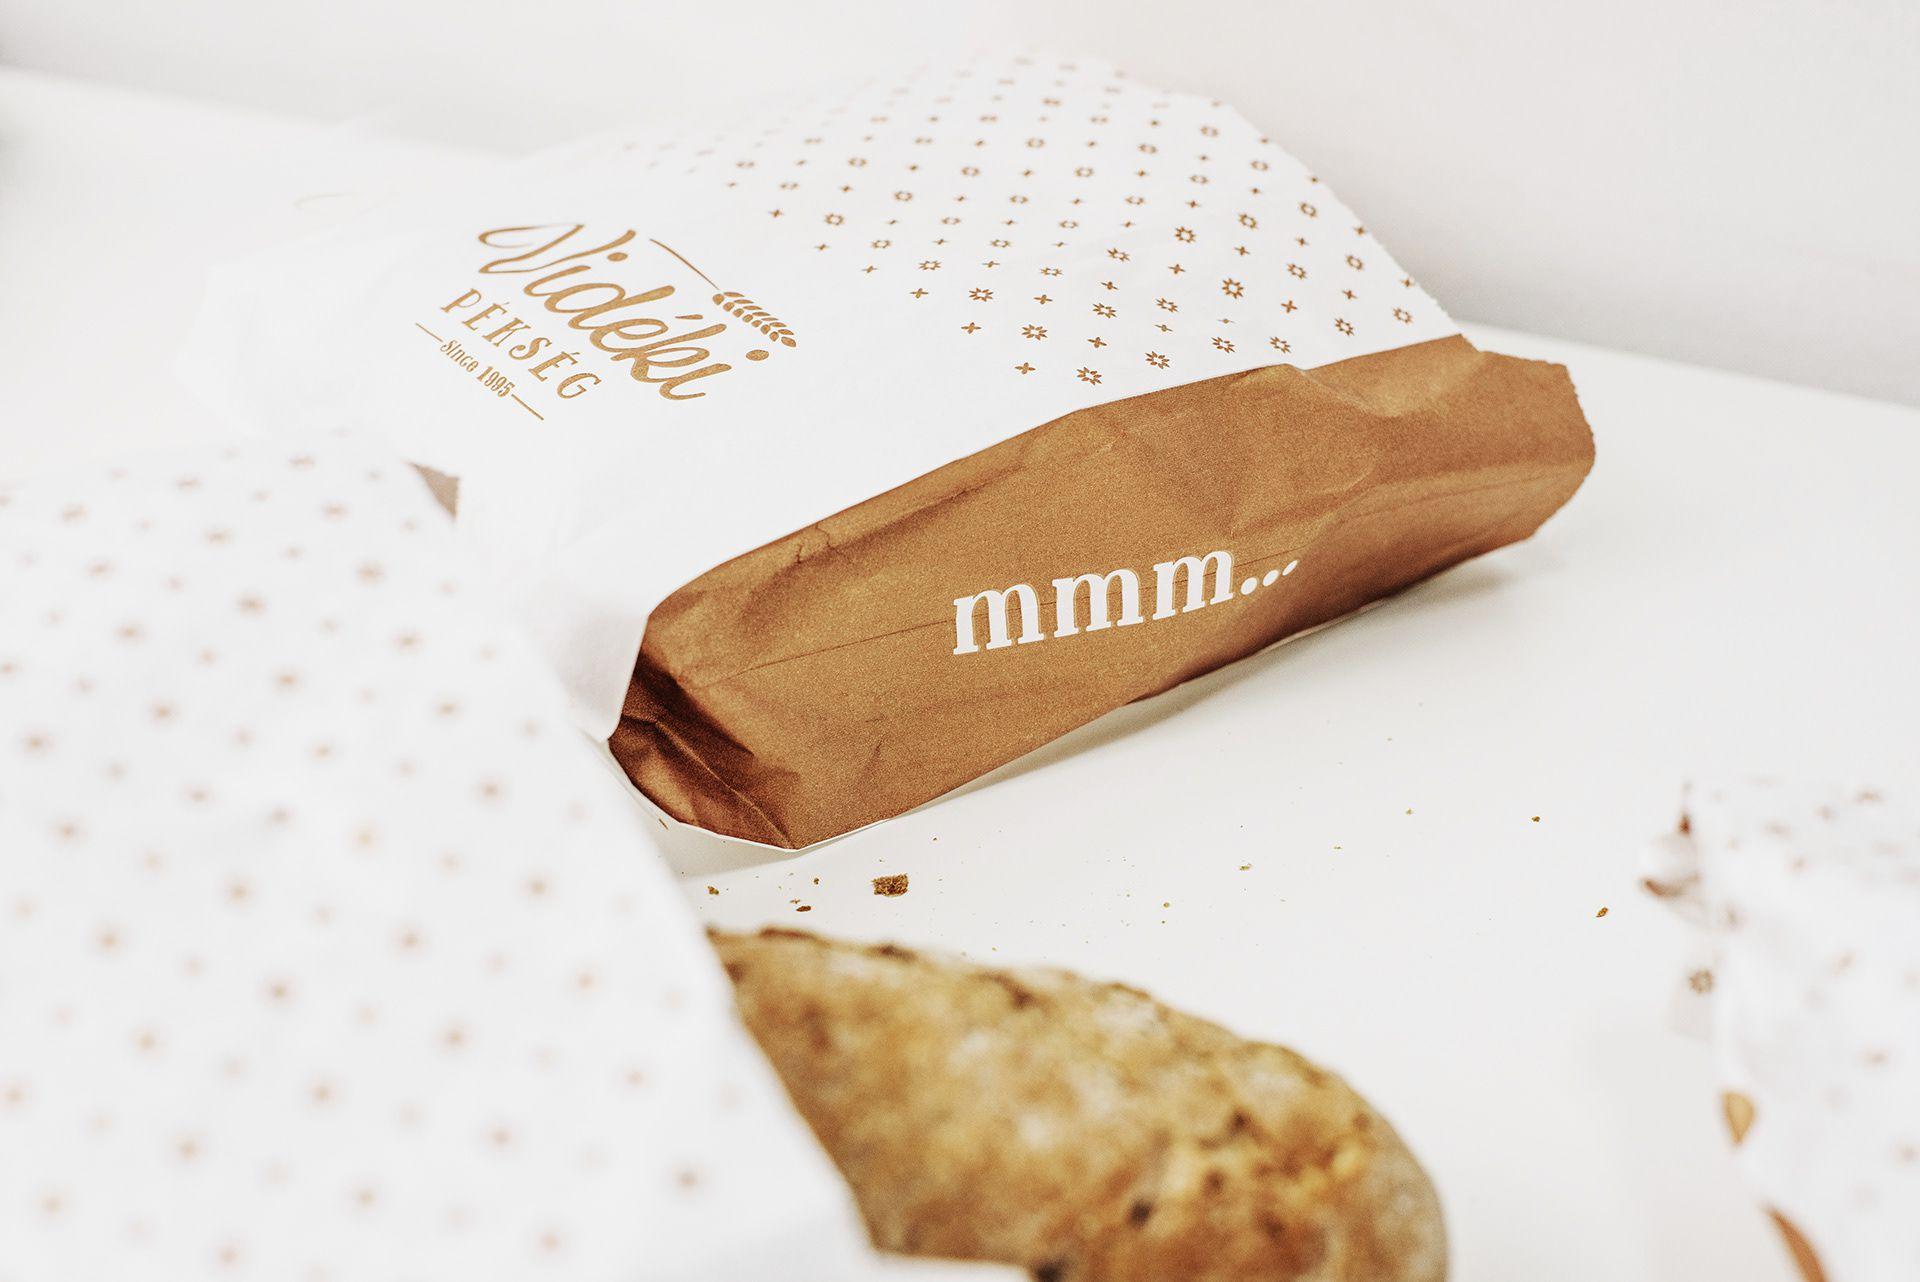 Packaging design for Bakery